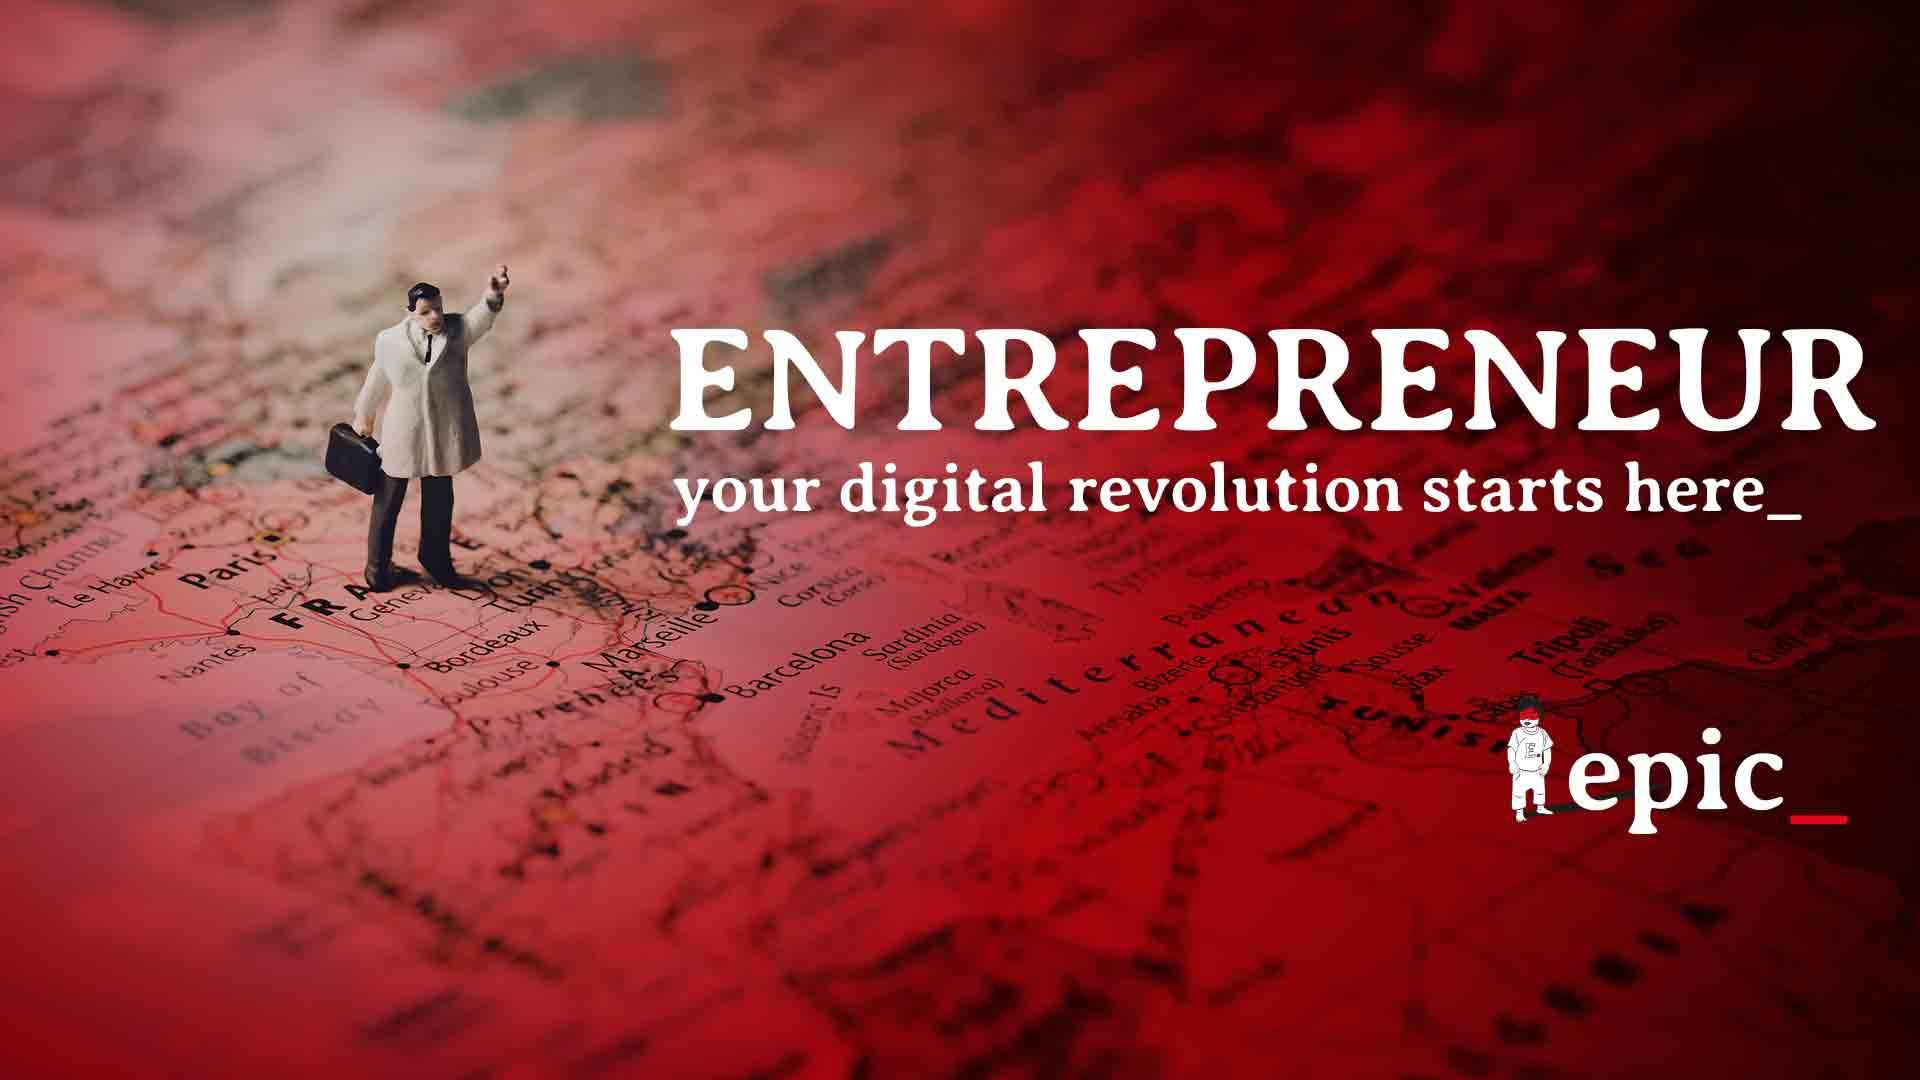 Digital Marketing for entrepreneurs, where do I start?